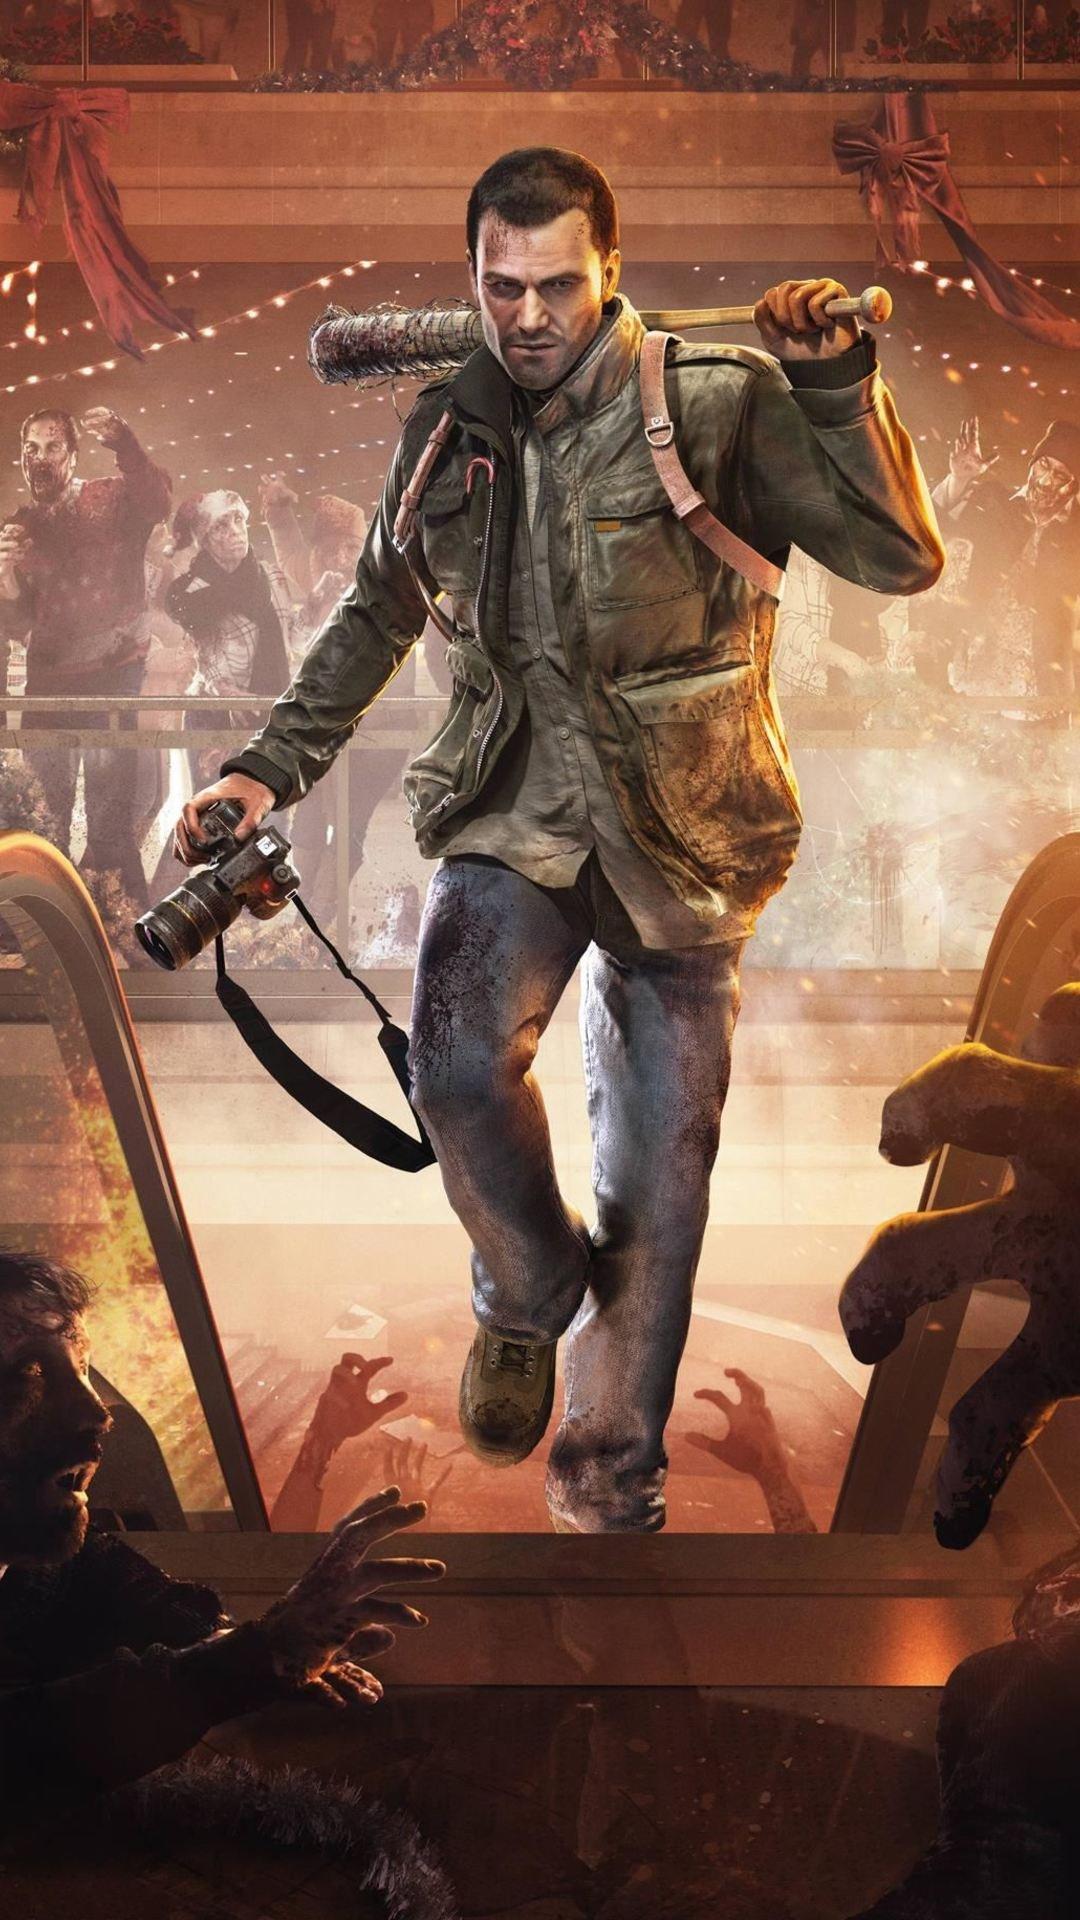 Dead Rising 4 HD Wallpaper